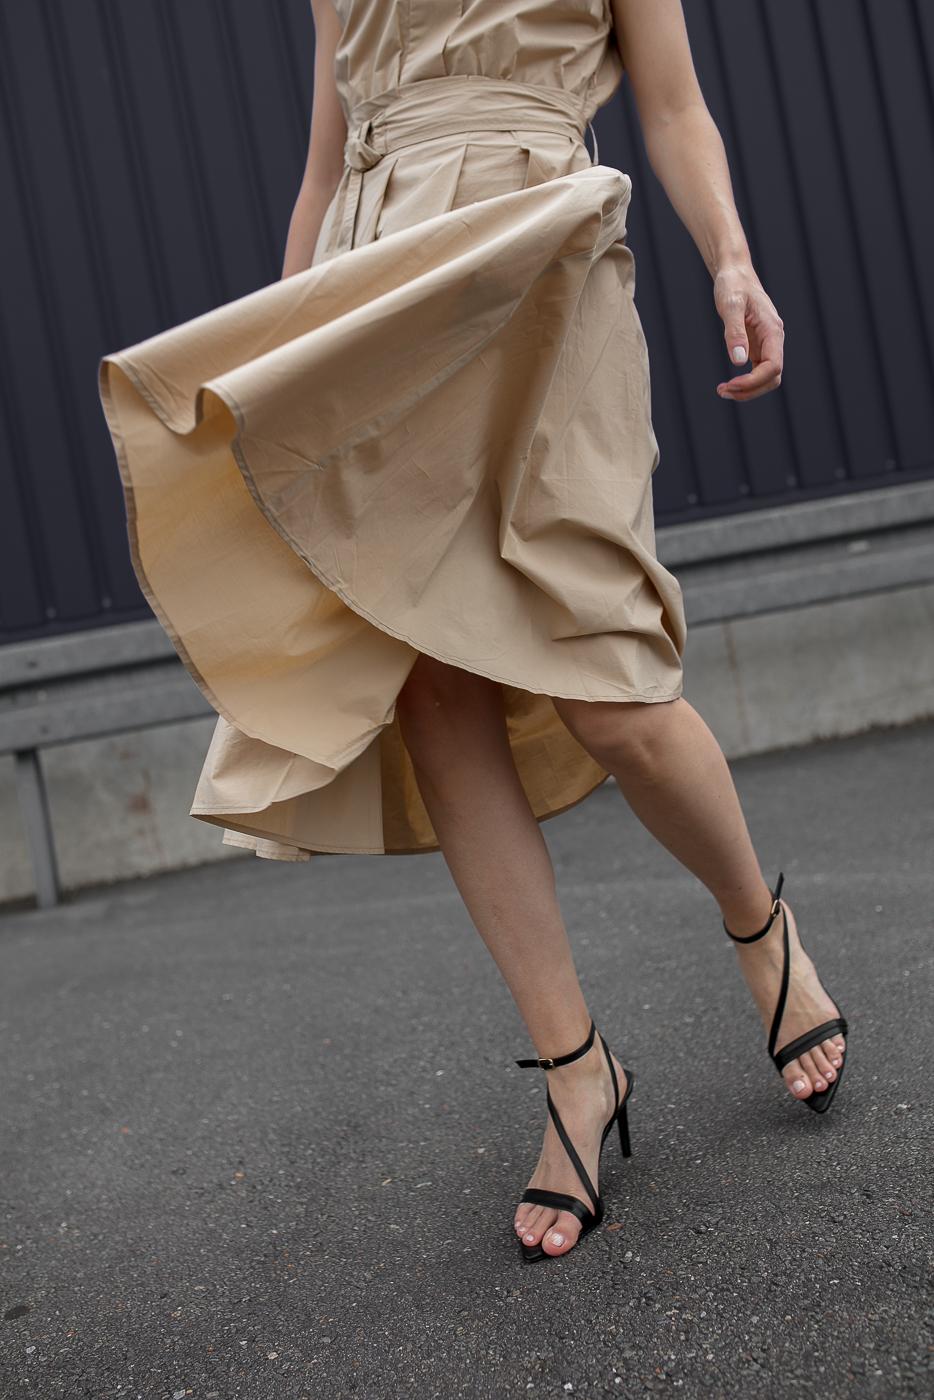 Summdress-Kleid-Sandals-Düsseldorf-Modeblog